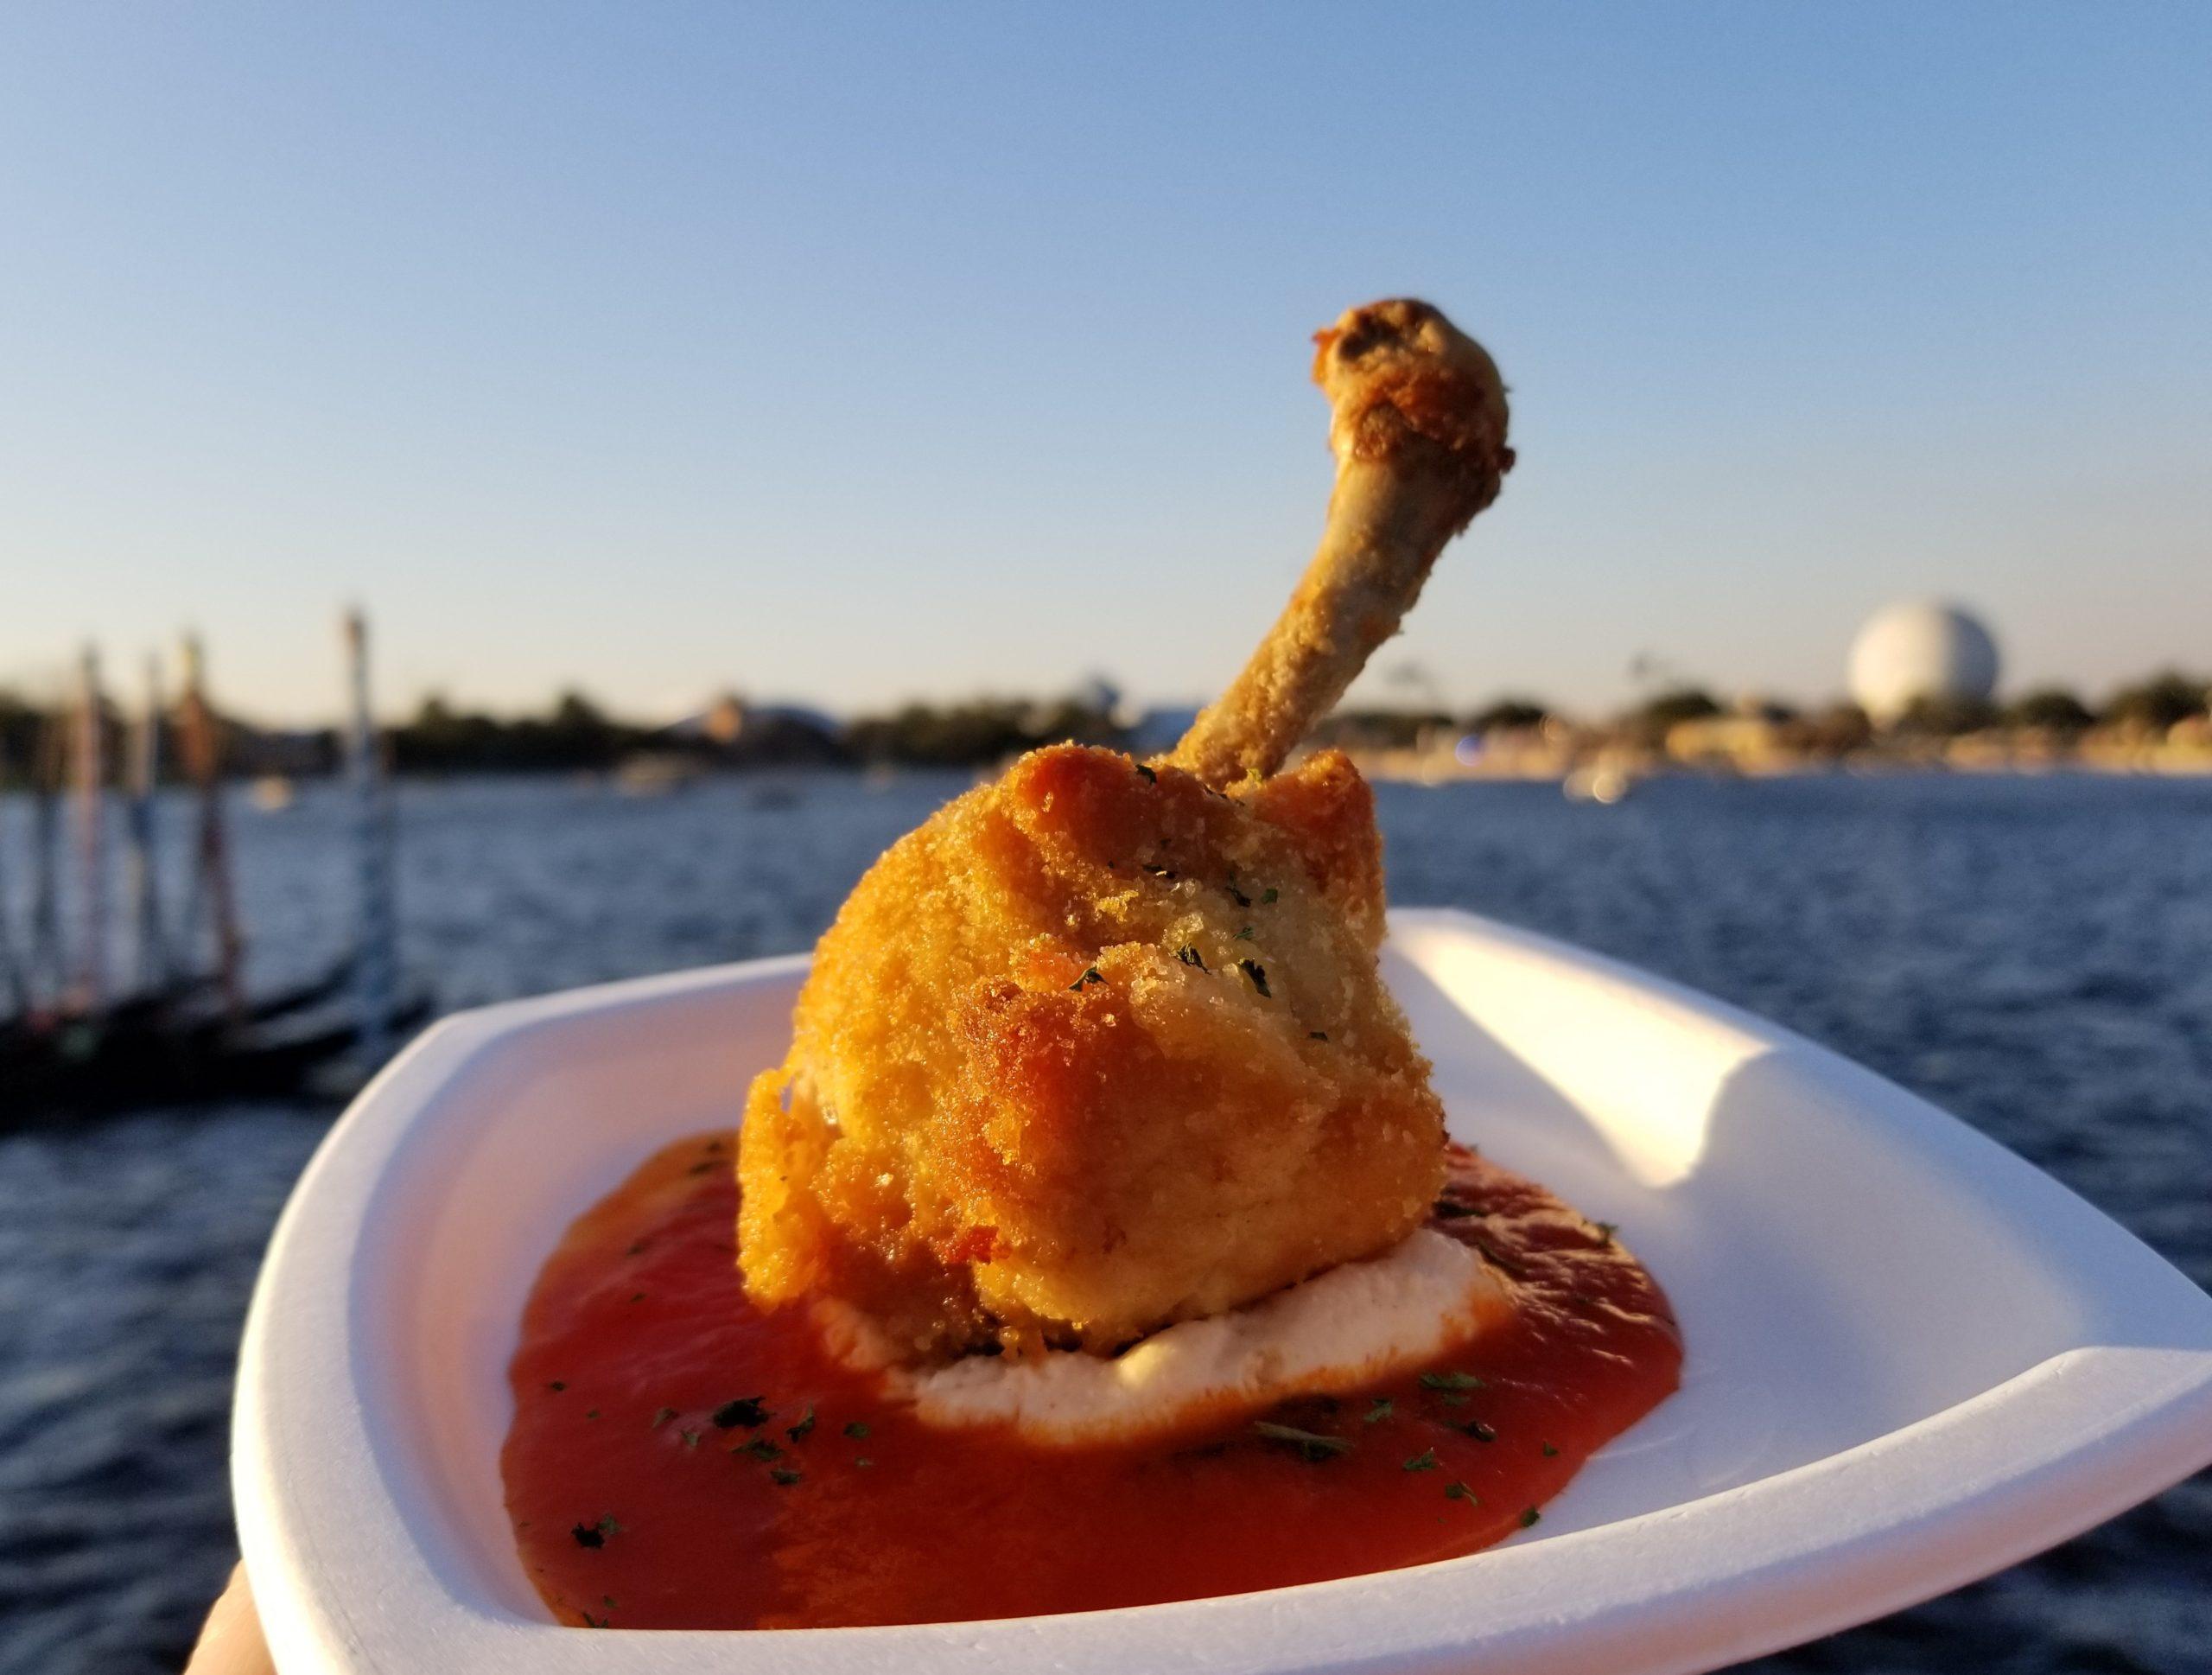 Pollo ala Pirandello: Golden Chicken Drumstick stuffed with Ricotta Cheese and Pomodoro Sauce from L'Arte di Mangiare in Italy